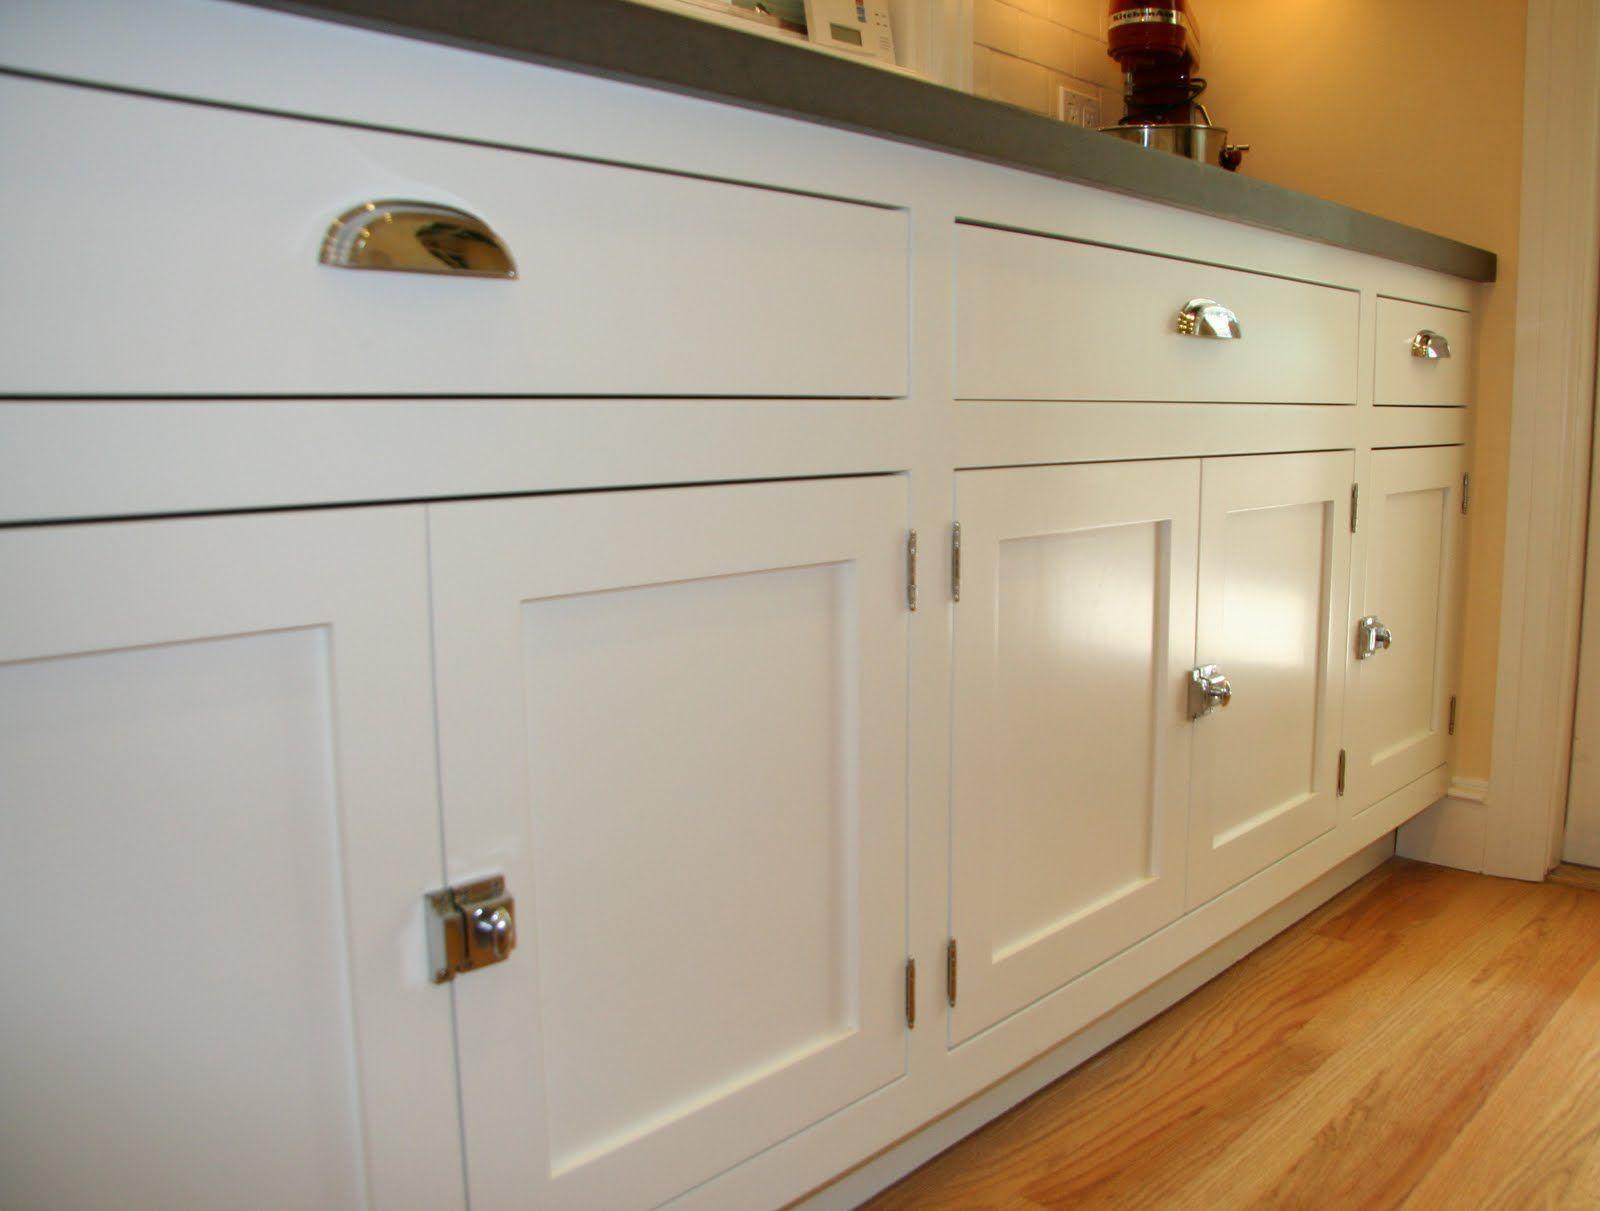 Küchenschränke weiß ikea weiß küchenschränke  lässig wohnzimmer gepolsterte stühle und